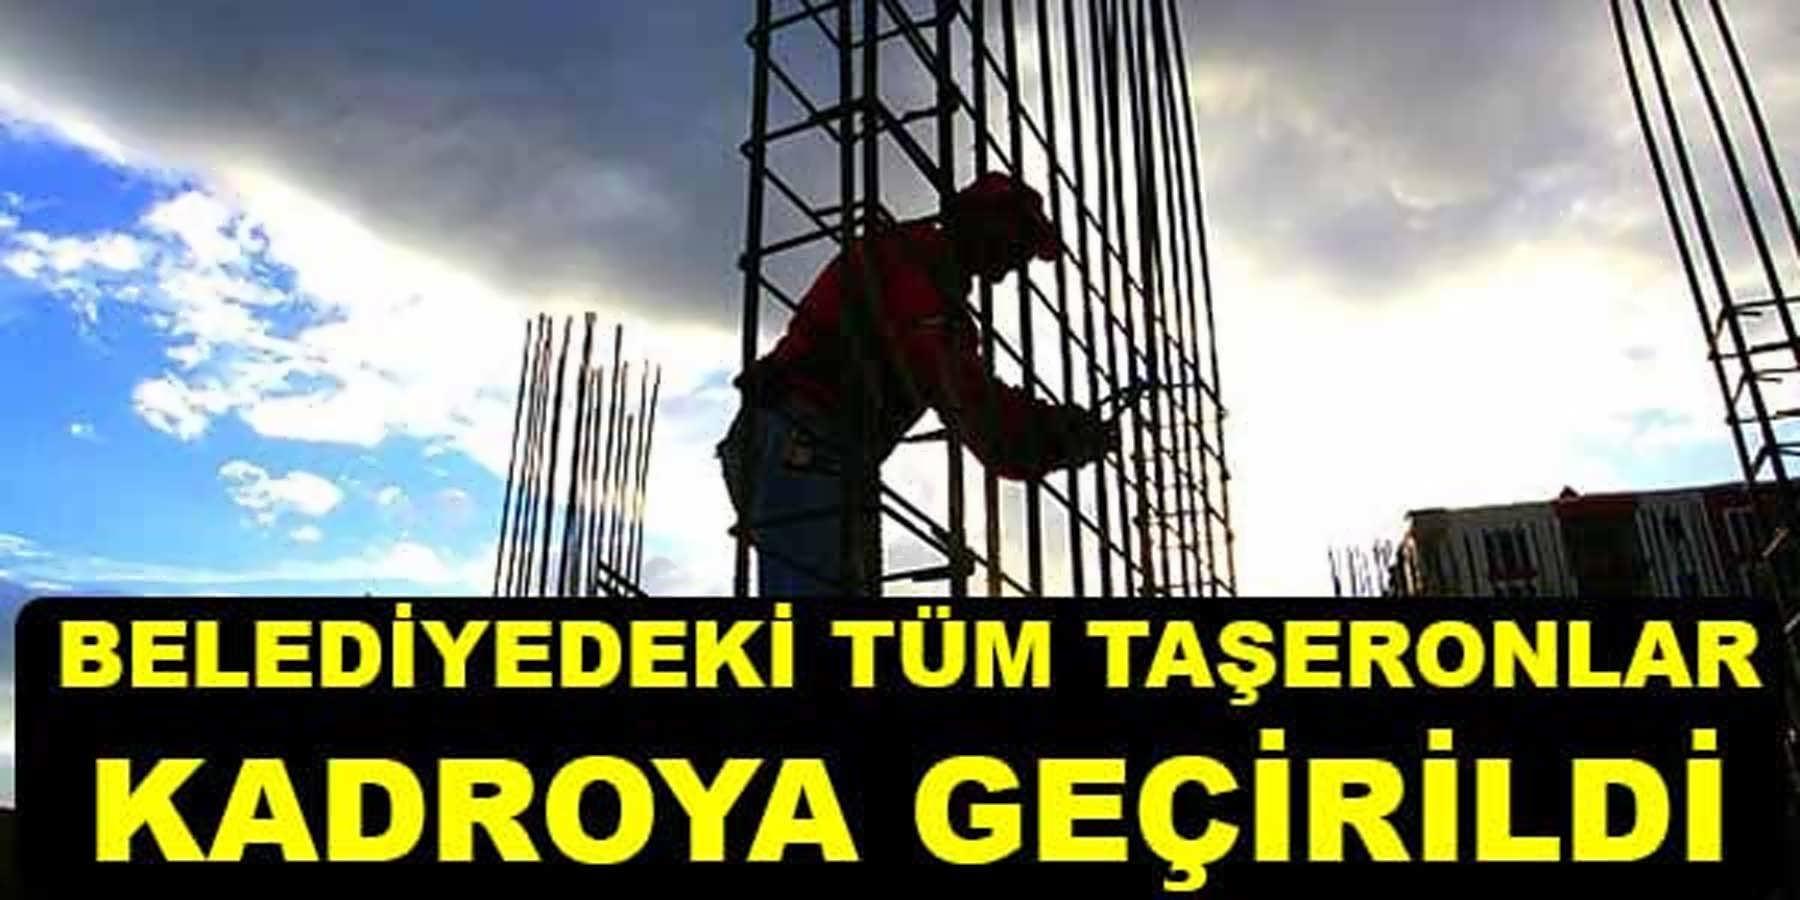 Umurbey Belediyesinde Taşeron Olarak Çalışan Tüm İşçilere Kadro Verildi